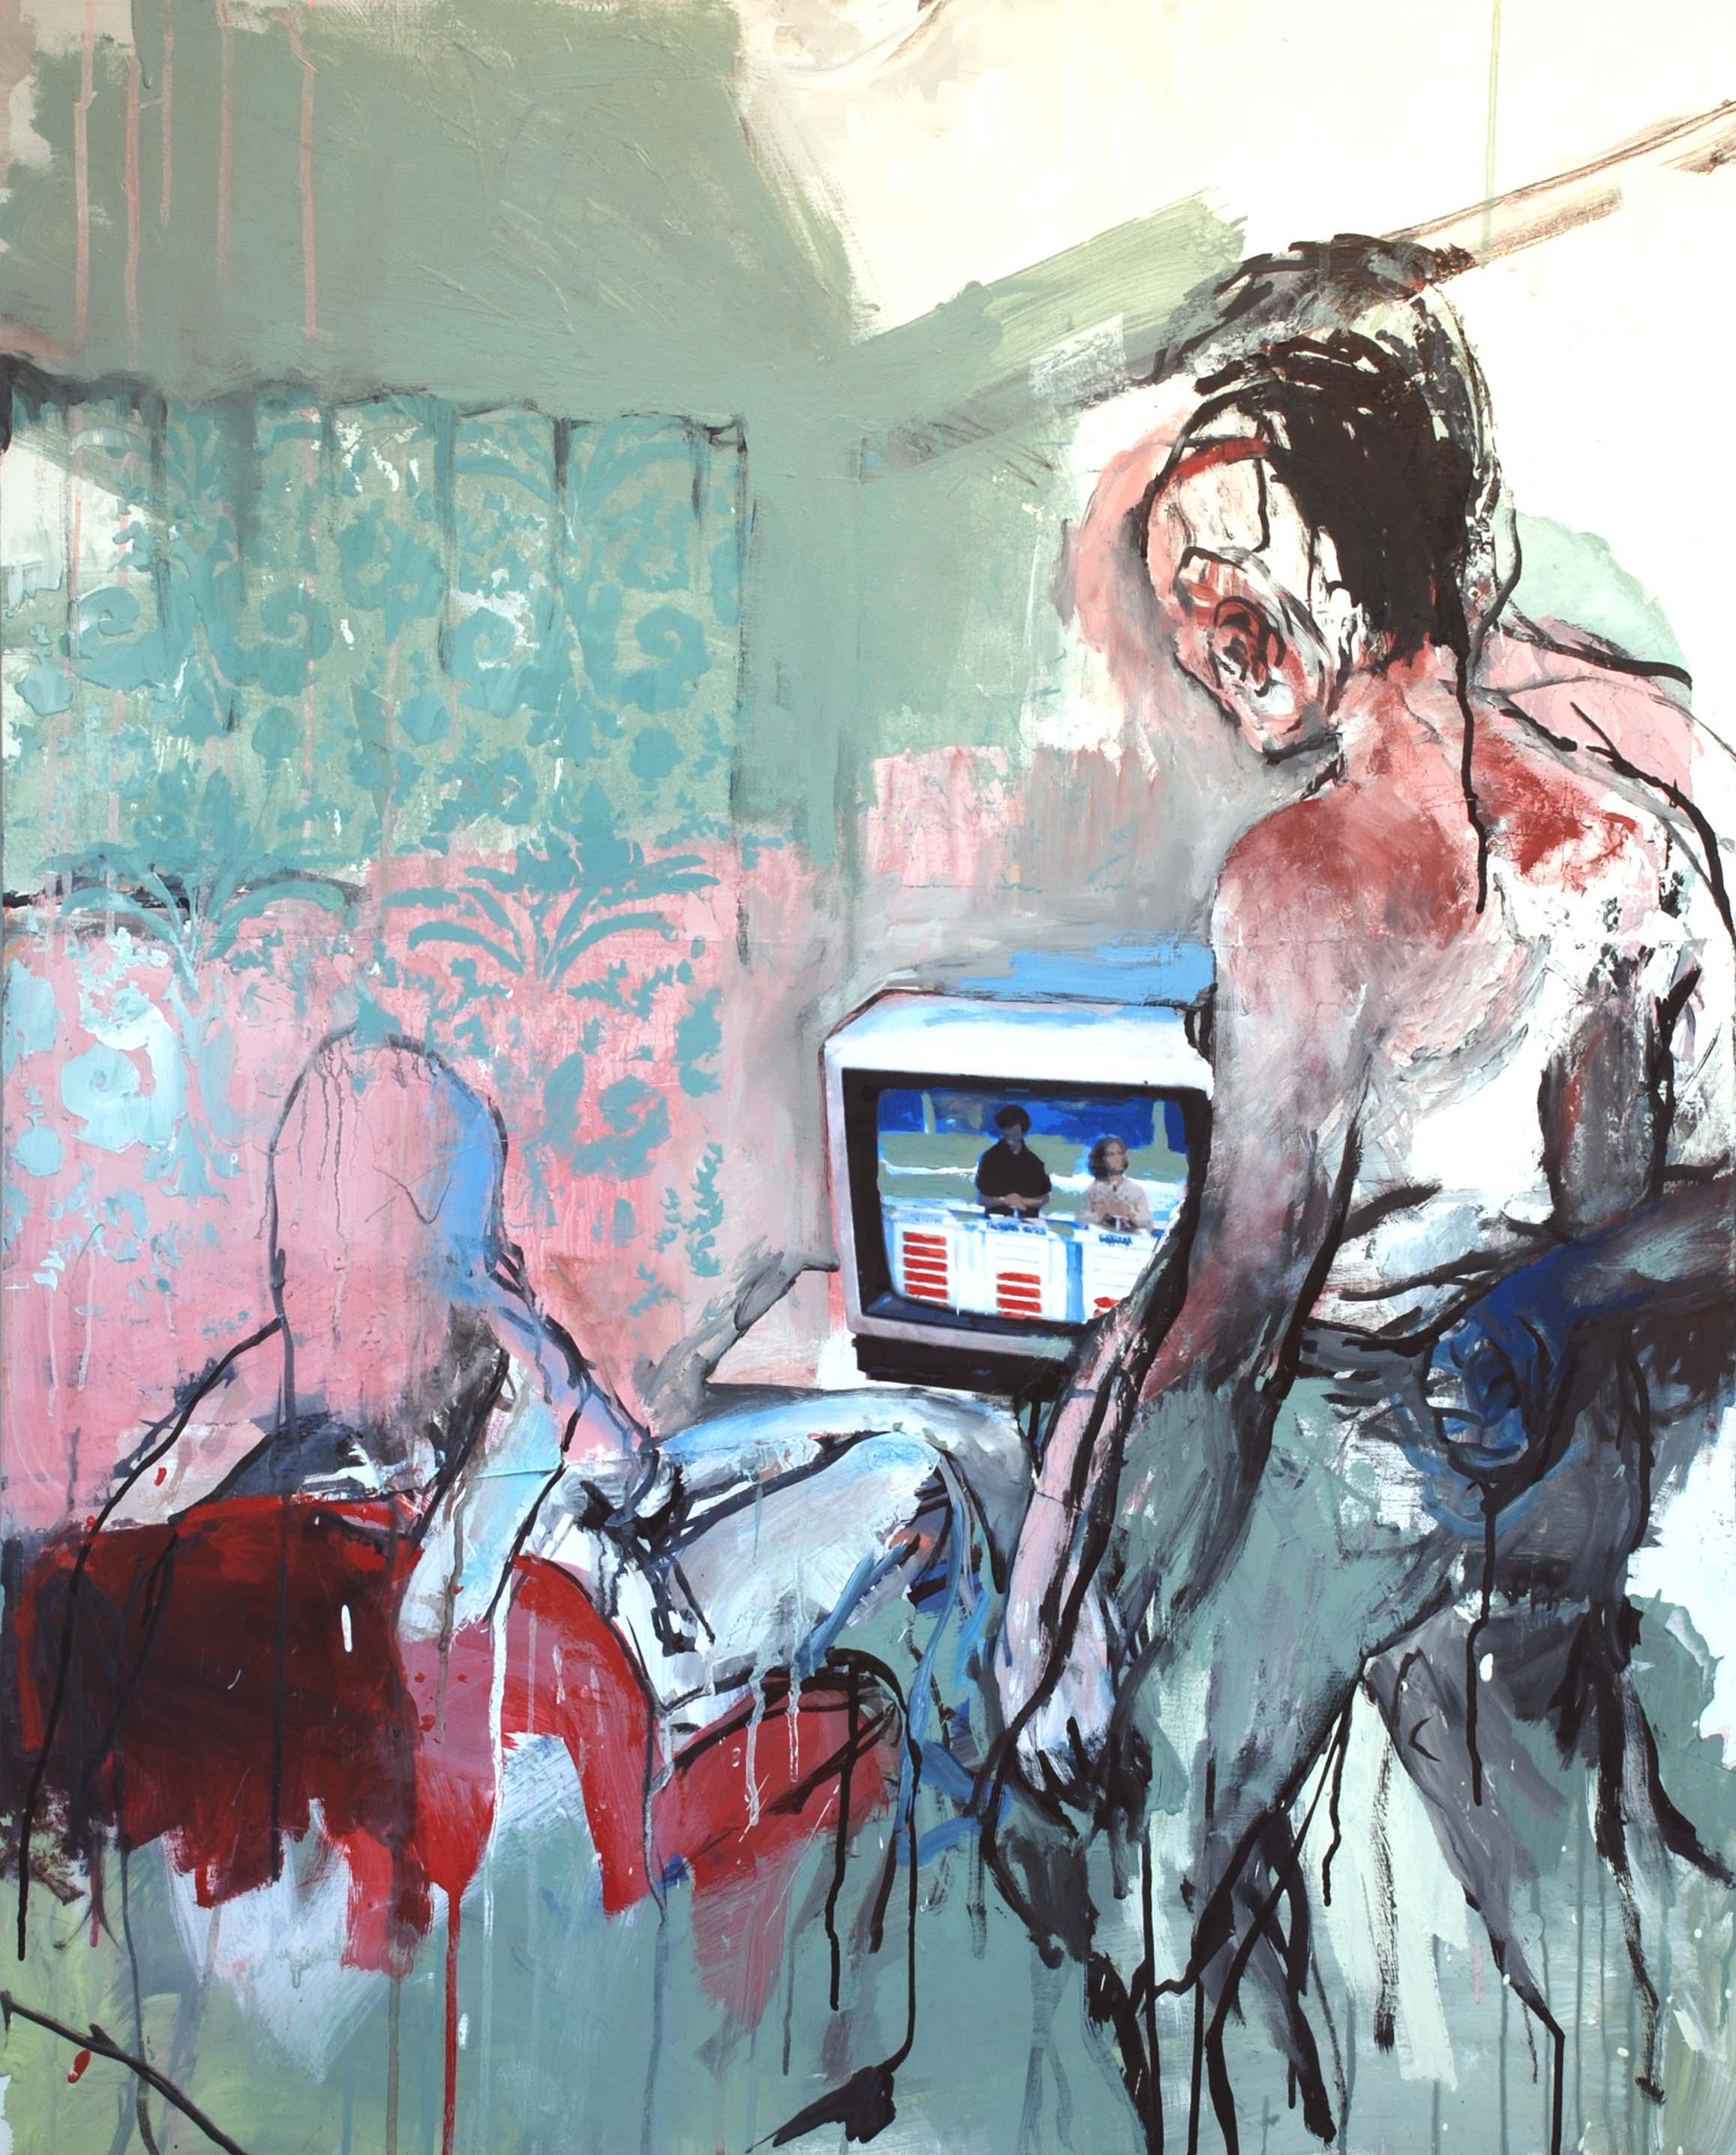 Série TV (3) : 81 X 100 cm / Acrylique sur toile et collage